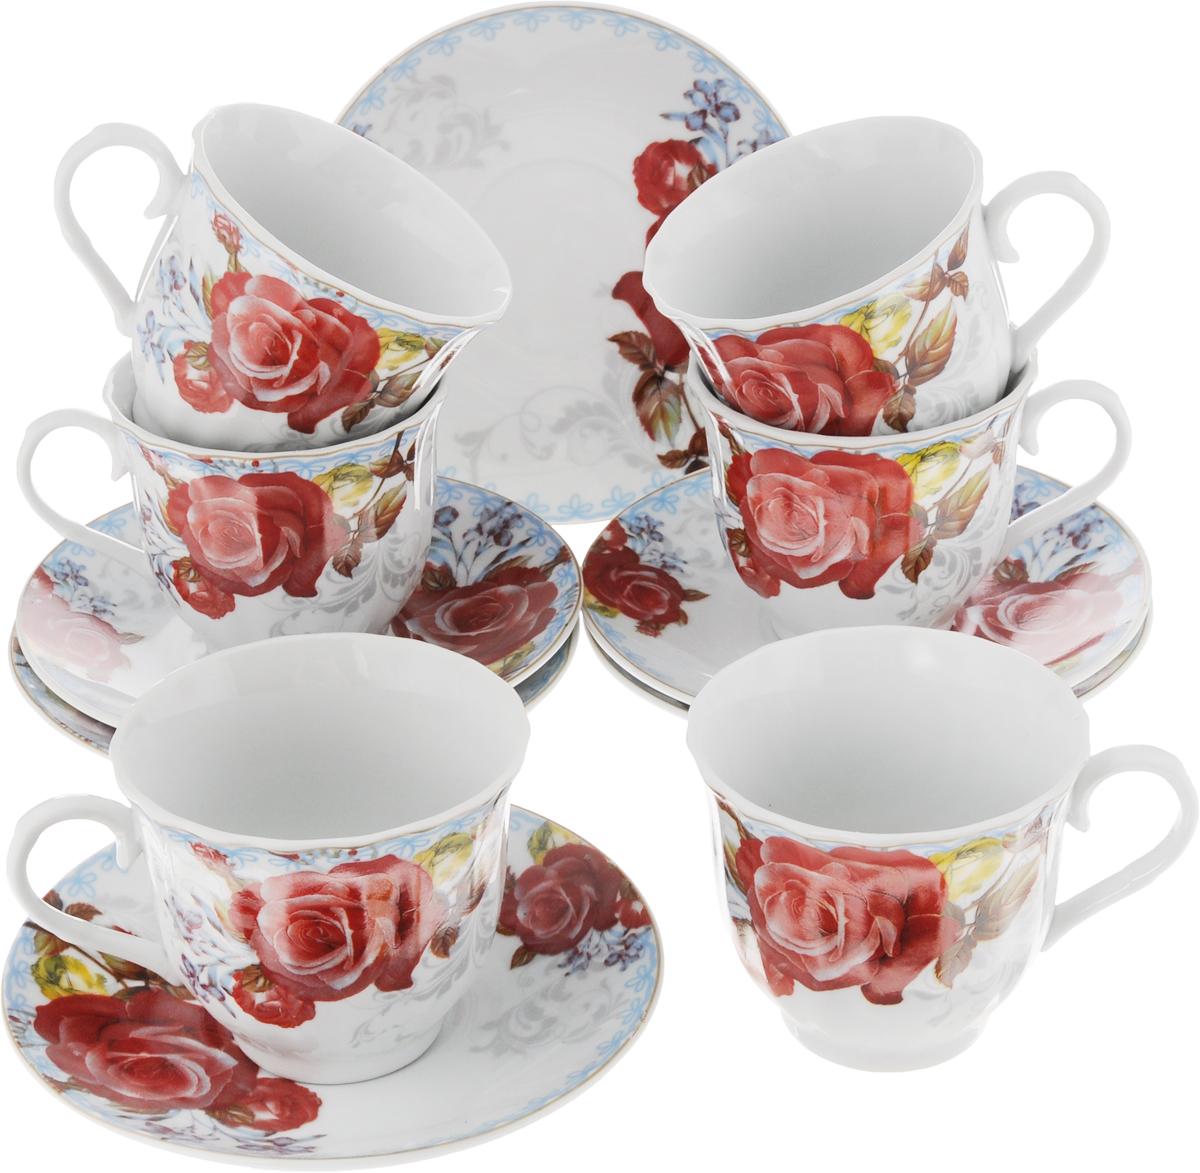 Набор чайный Bella, 12 предметов. DL-RF6-188DL-RF6-188Чайный набор Bella состоит из 6 чашек и 6 блюдец, изготовленных из высококачественного фарфора. Такой набор прекрасно дополнит сервировку стола к чаепитию, а также станет замечательным подарком для ваших друзей и близких. Объем чашки: 220 мл. Диаметр чашки (по верхнему краю): 8 см. Высота чашки: 7 см. Диаметр блюдца: 14 см. Высота блюдца: 2 см.